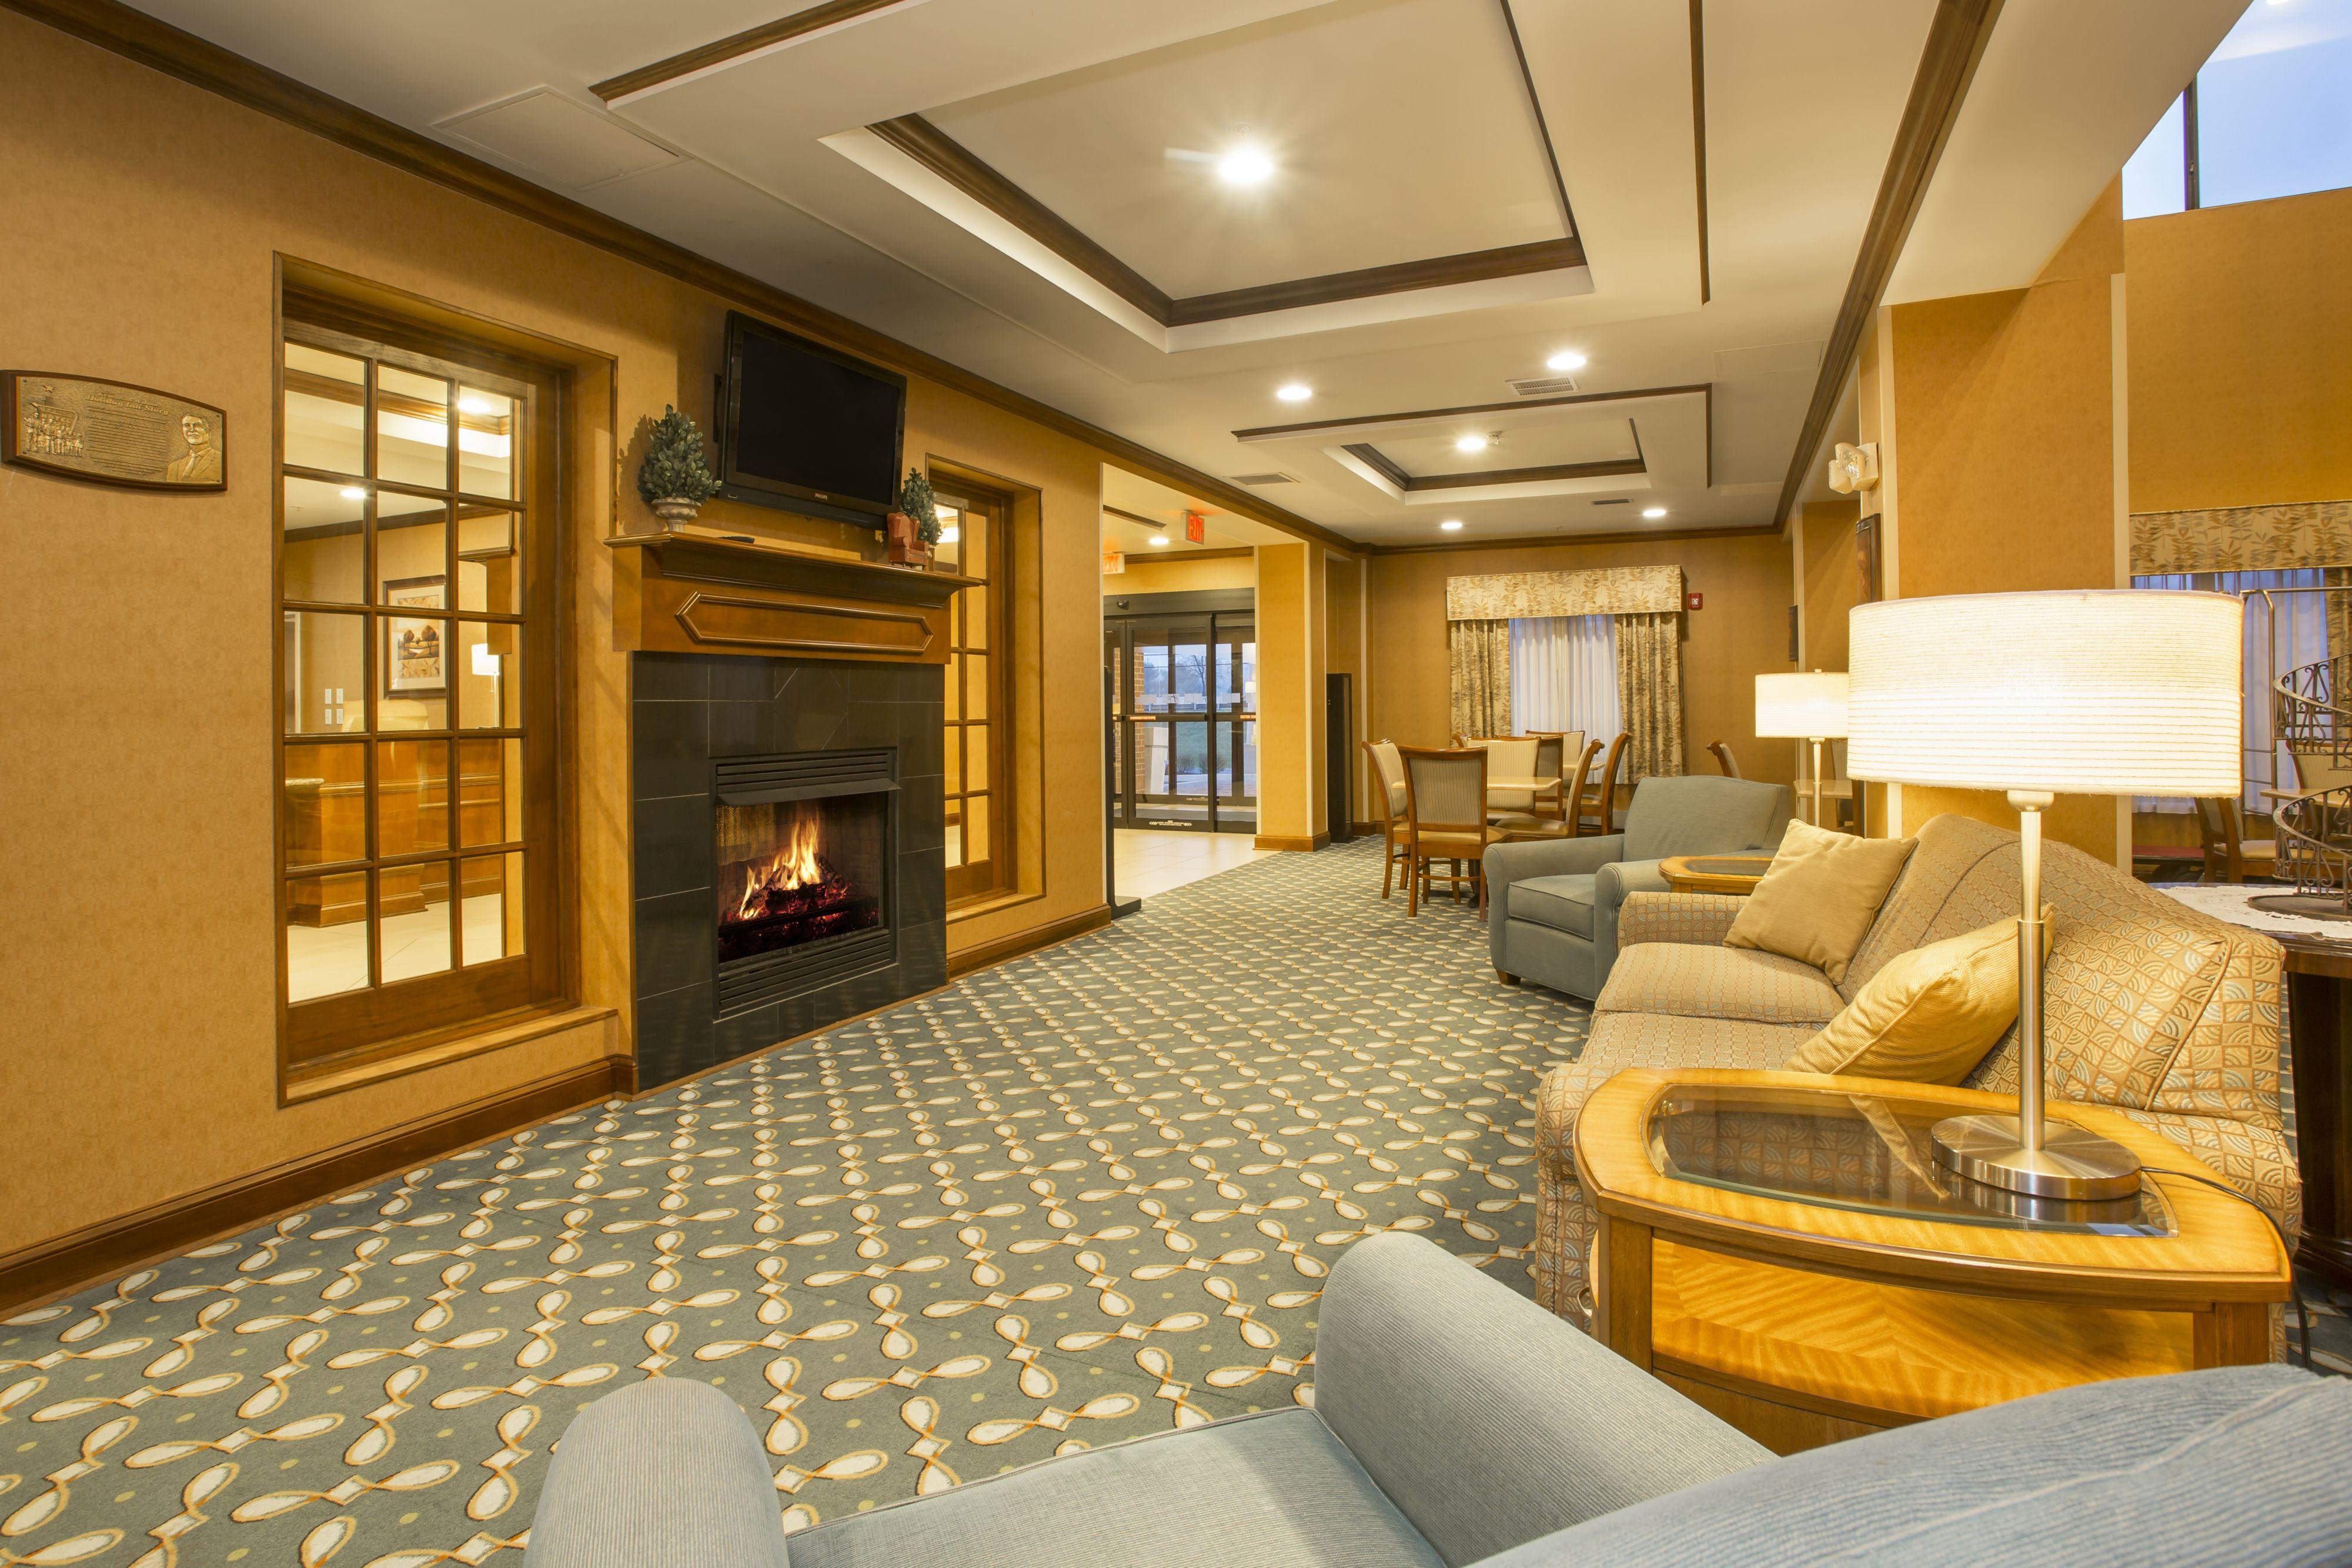 Culpeper Va Hotels And Motels